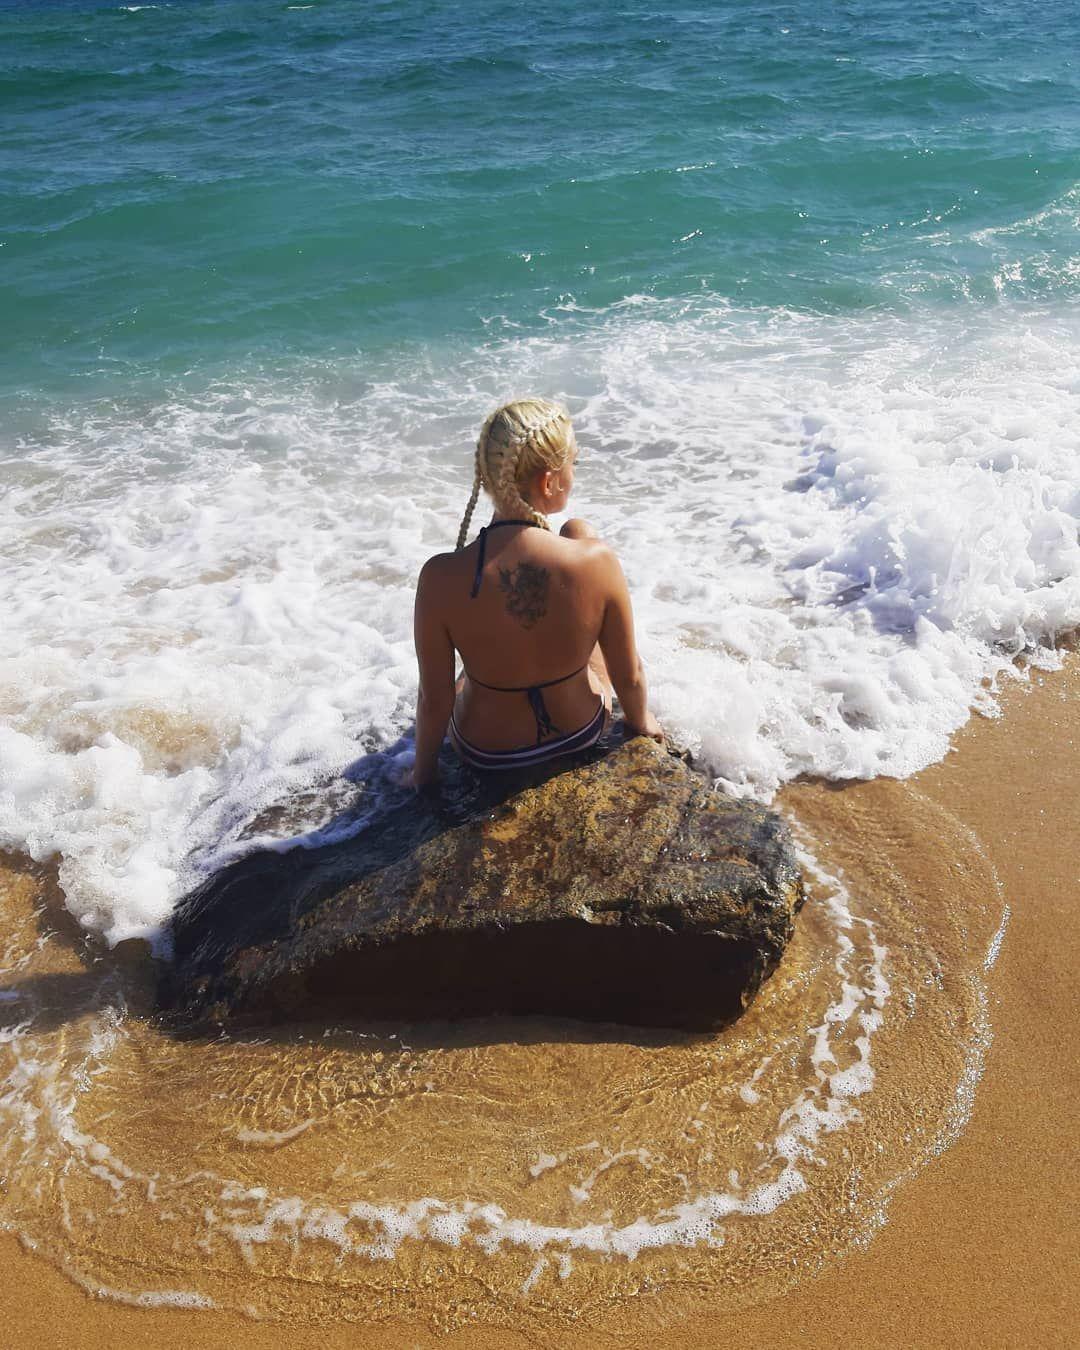 Najlepiej! 💓  barcelona  thebest  friends  women  polishgirl  blonde  me  sea  spain  love  kobieta  blondynka  zprzyjaciółmi  najlepiej  wolne  odpoczynek  kochamwas❤